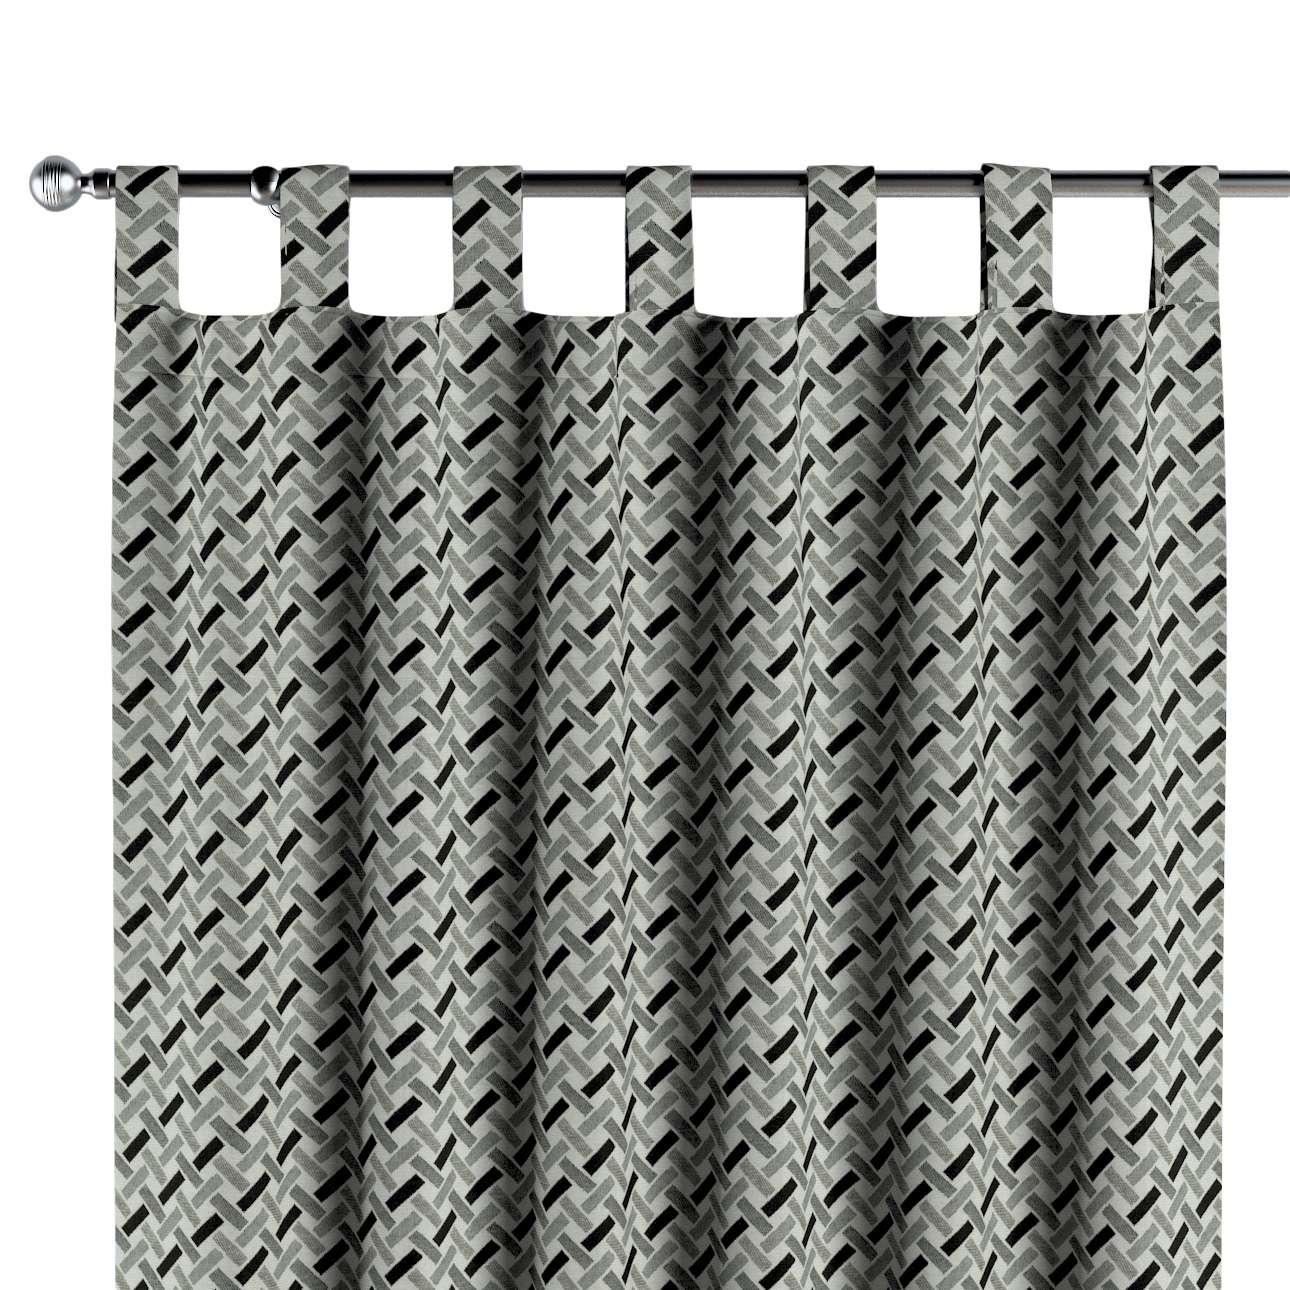 Závěs na poutka v kolekci Black & White, látka: 142-78